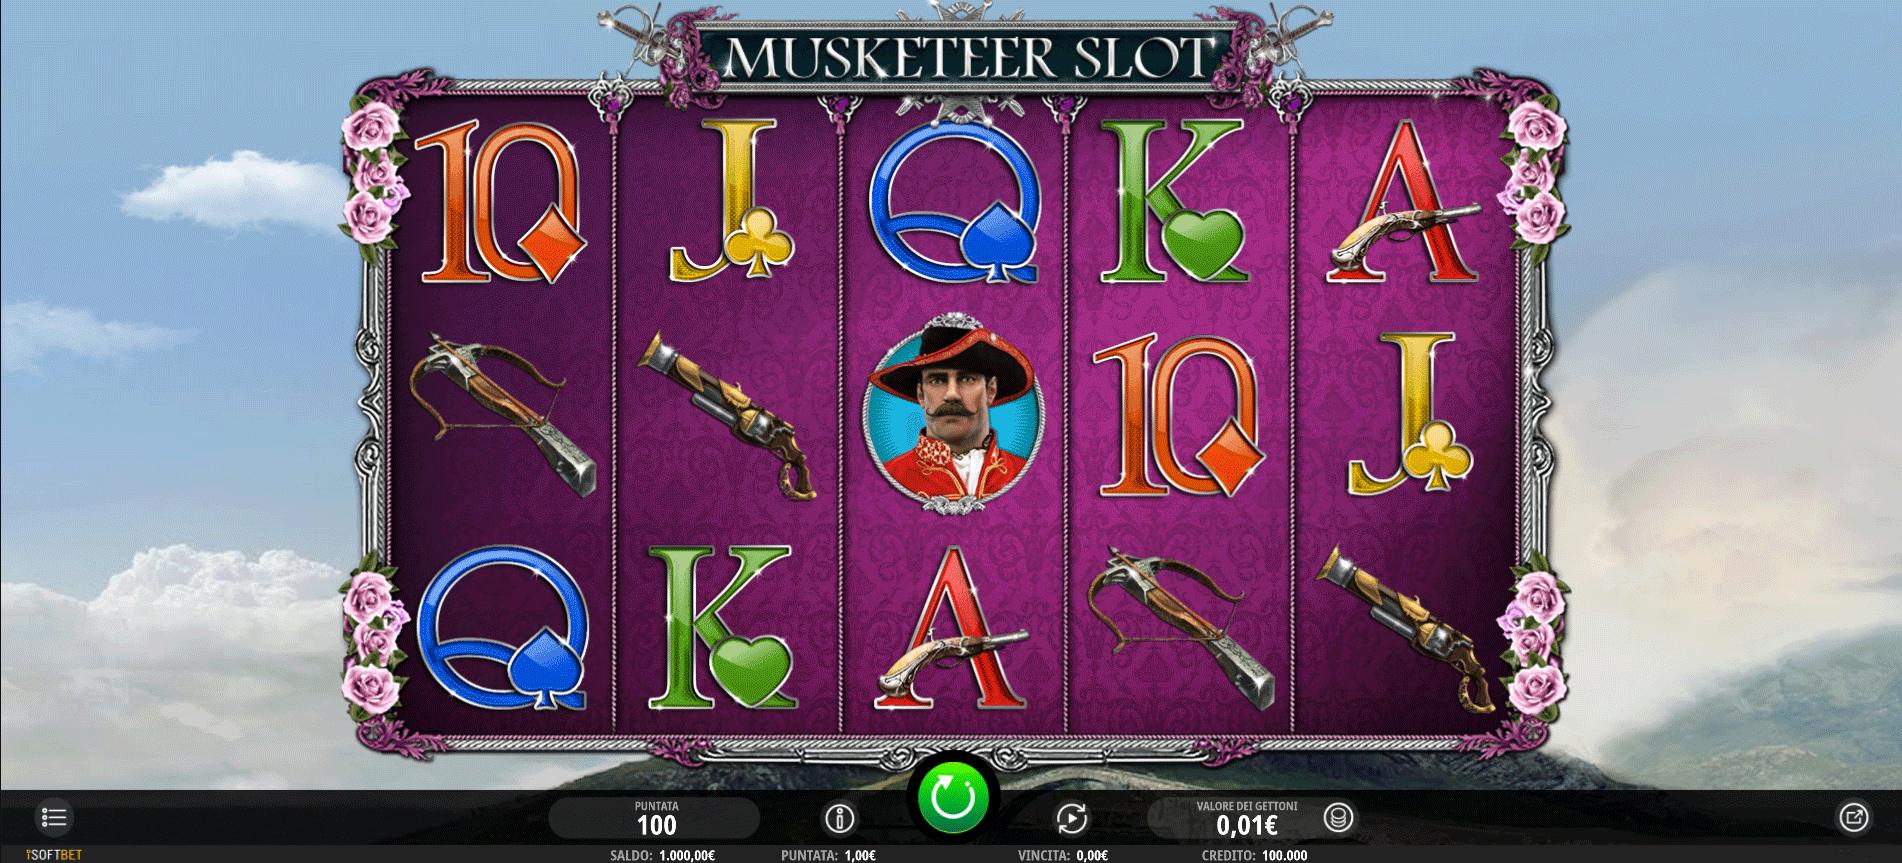 Slot Musketeer Slot